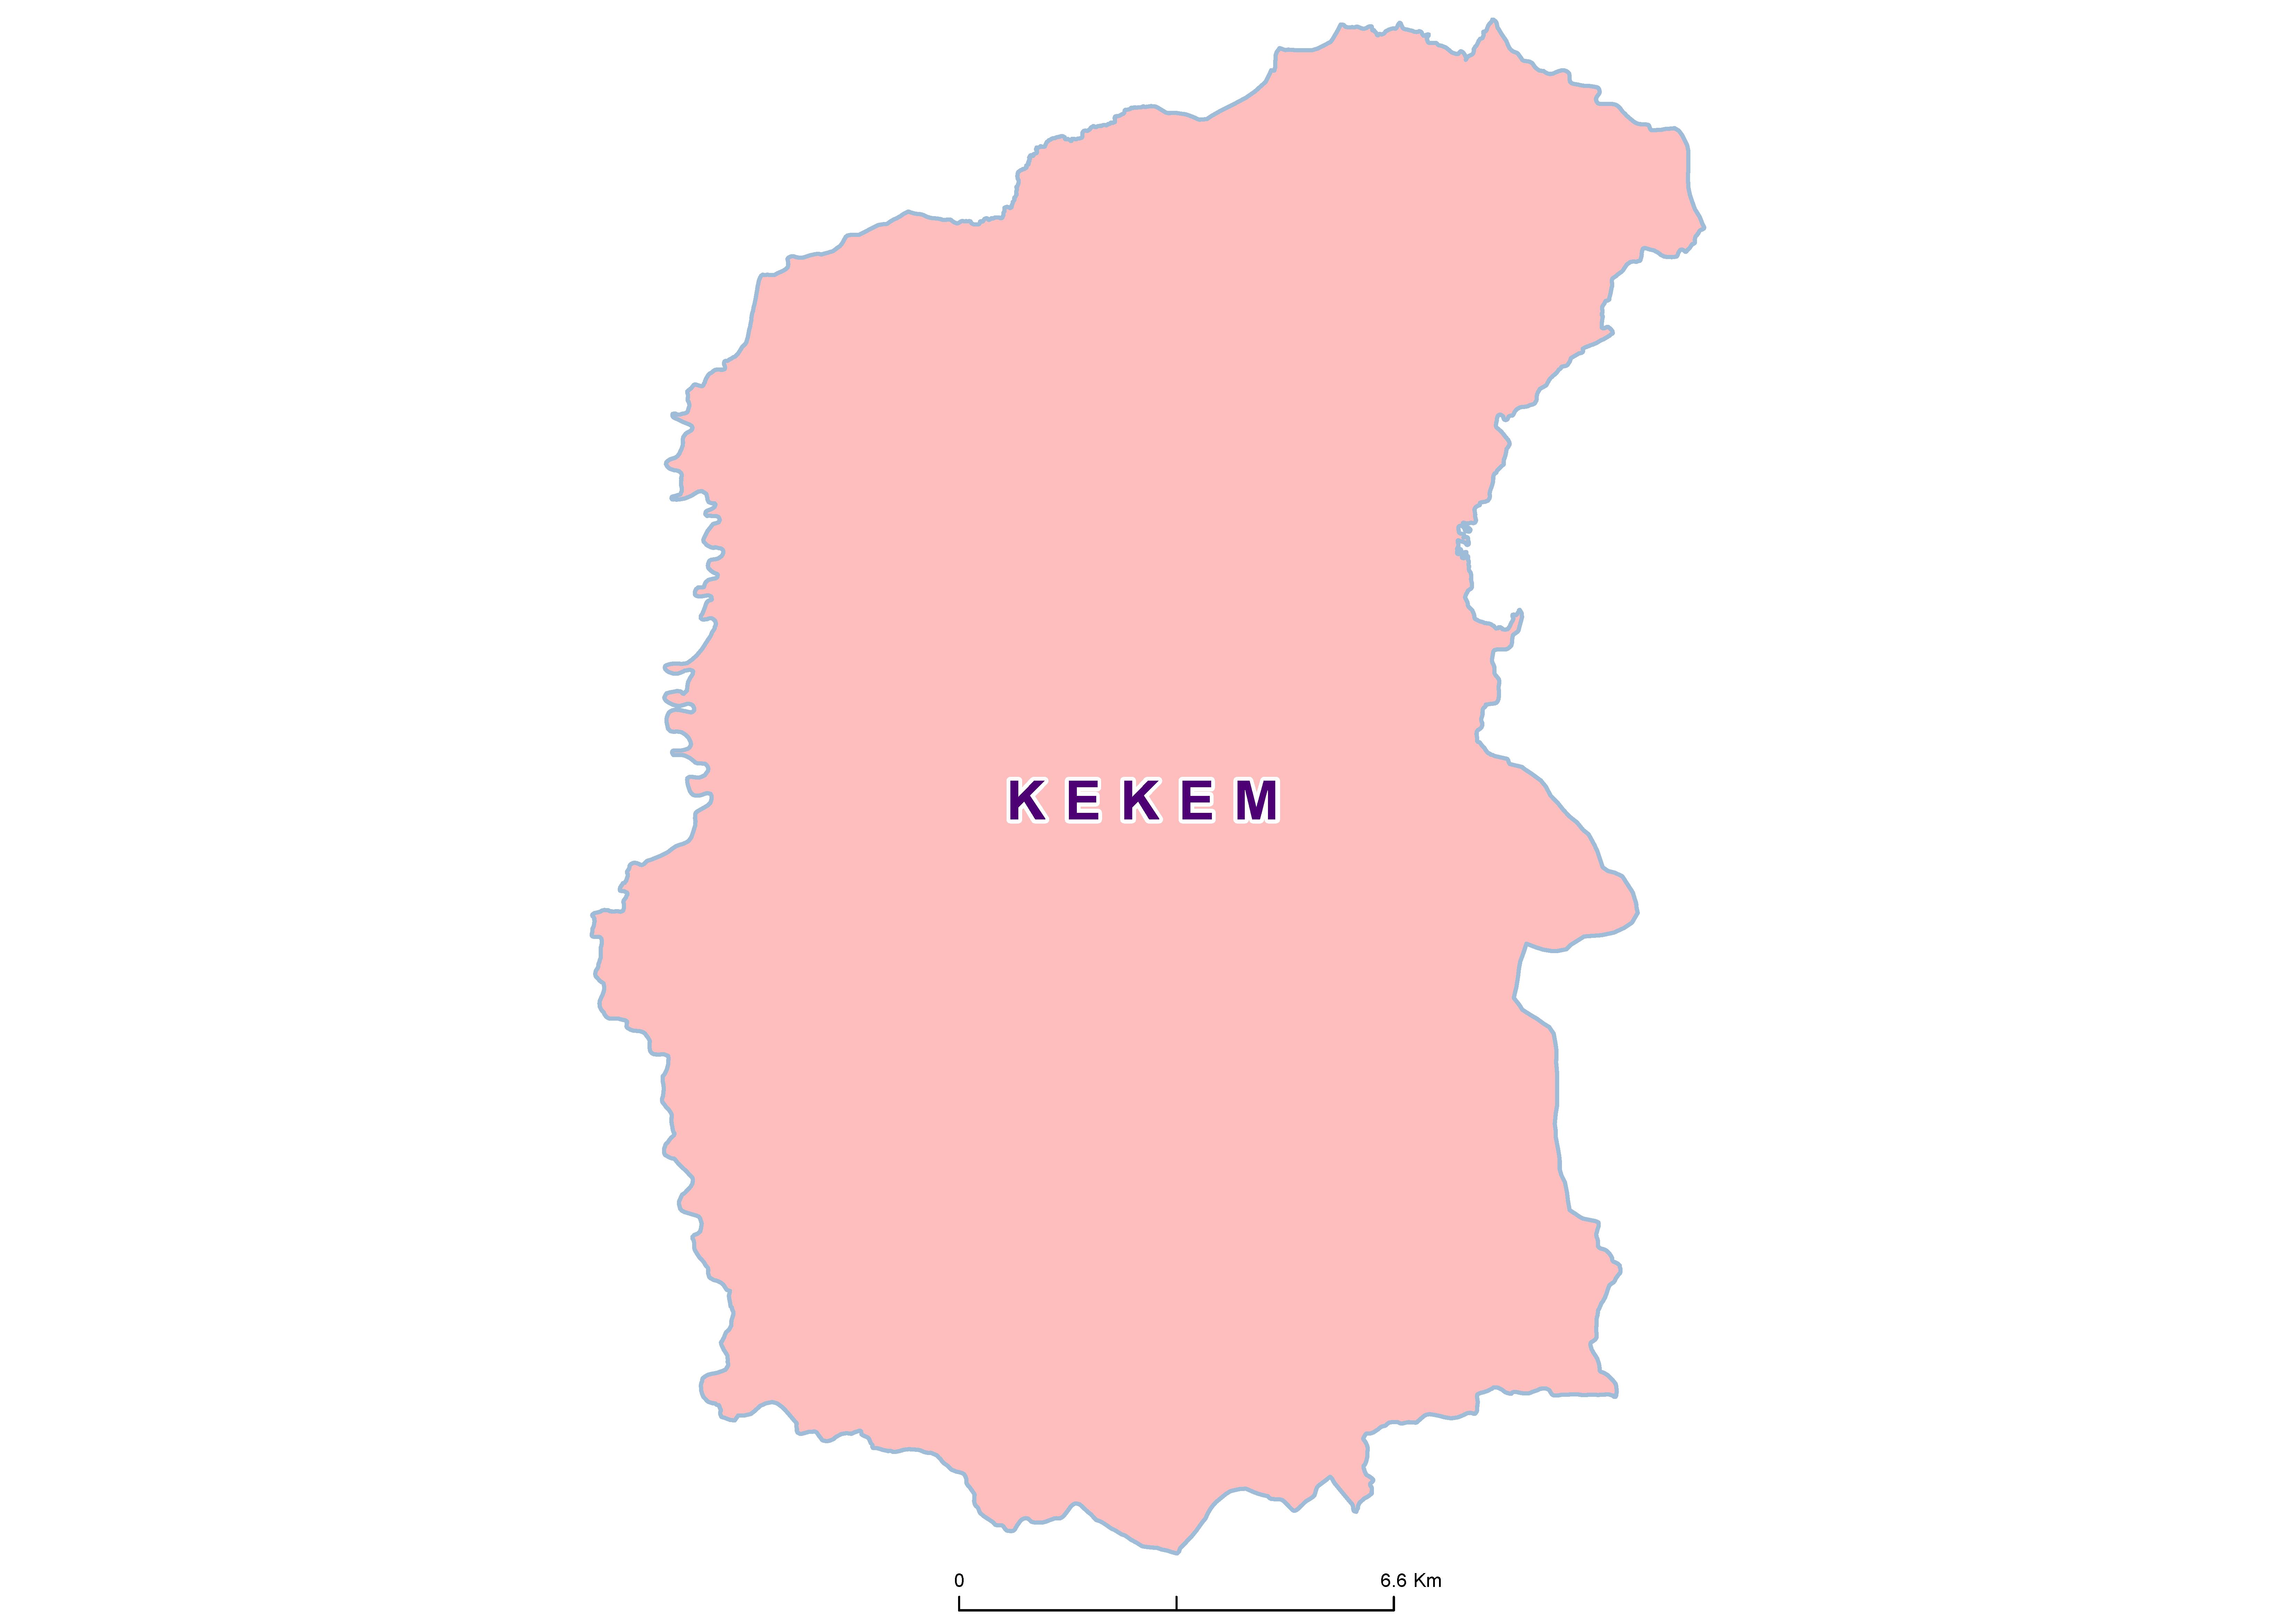 Kekem Mean SCH 20180001